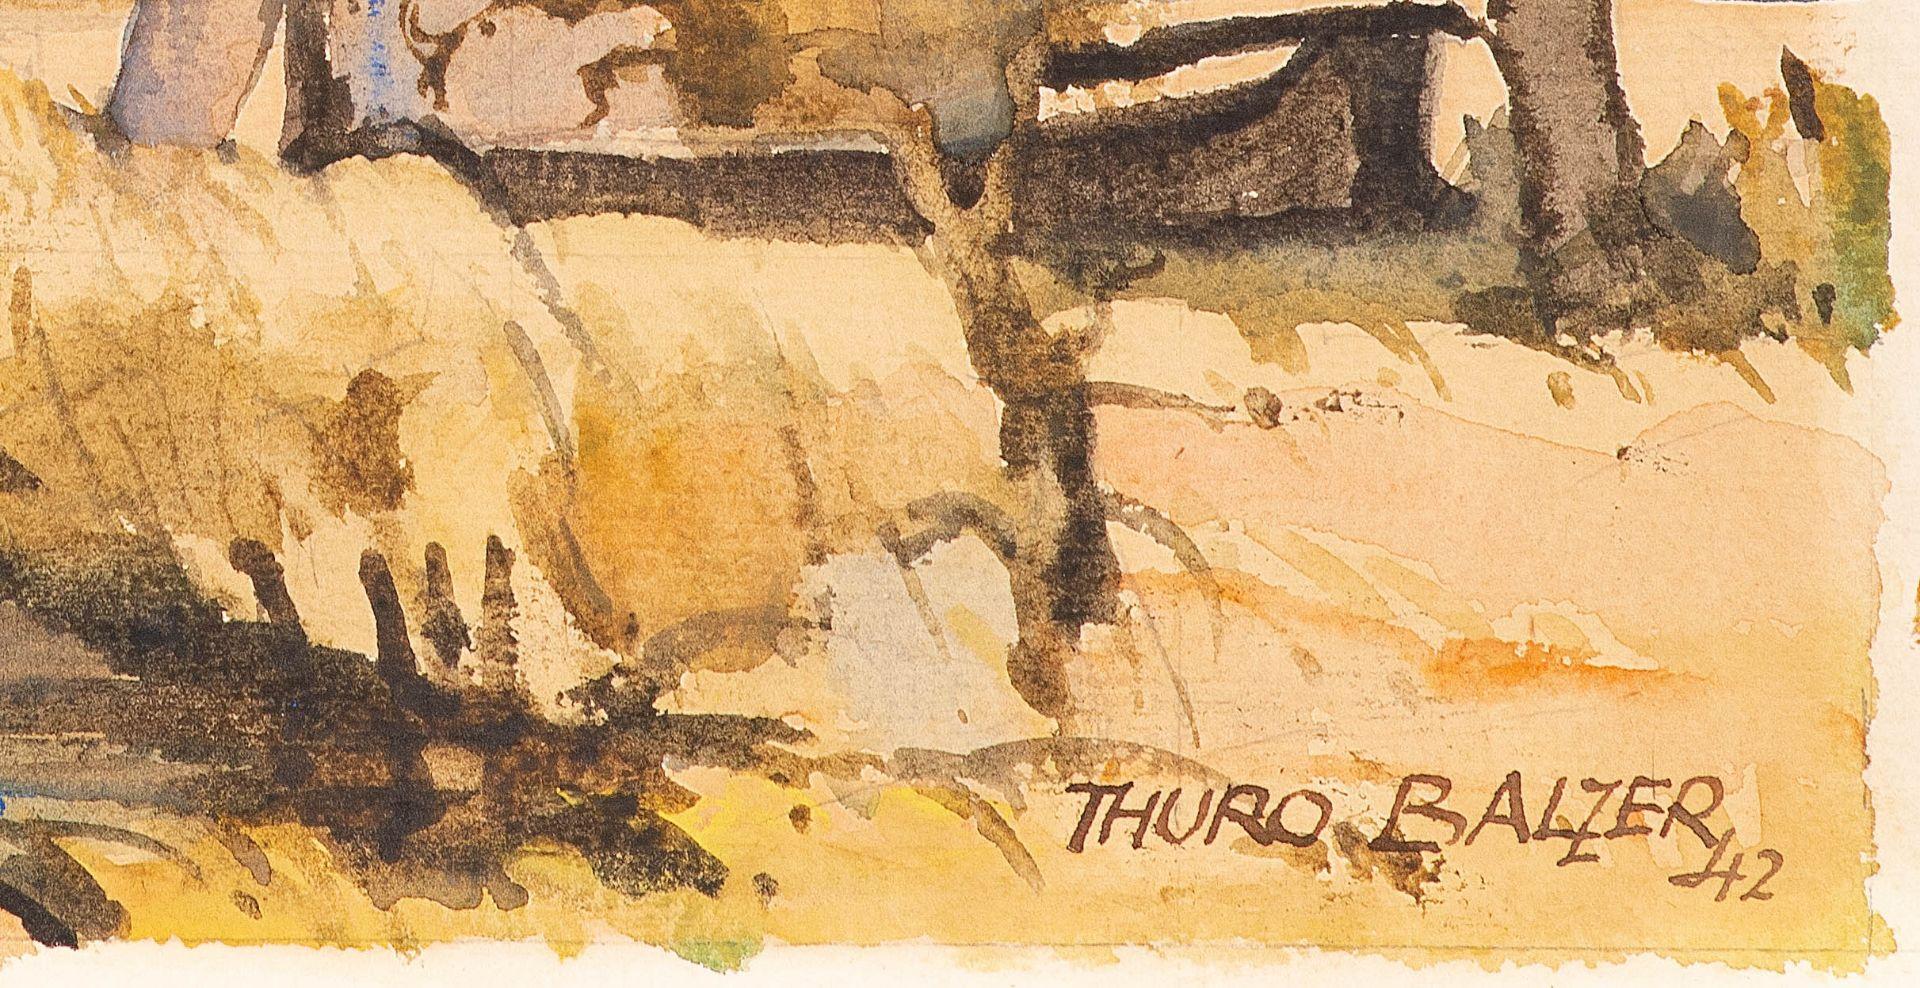 Thuro Balzer – Nehrungshafen. 1942. - Image 2 of 2